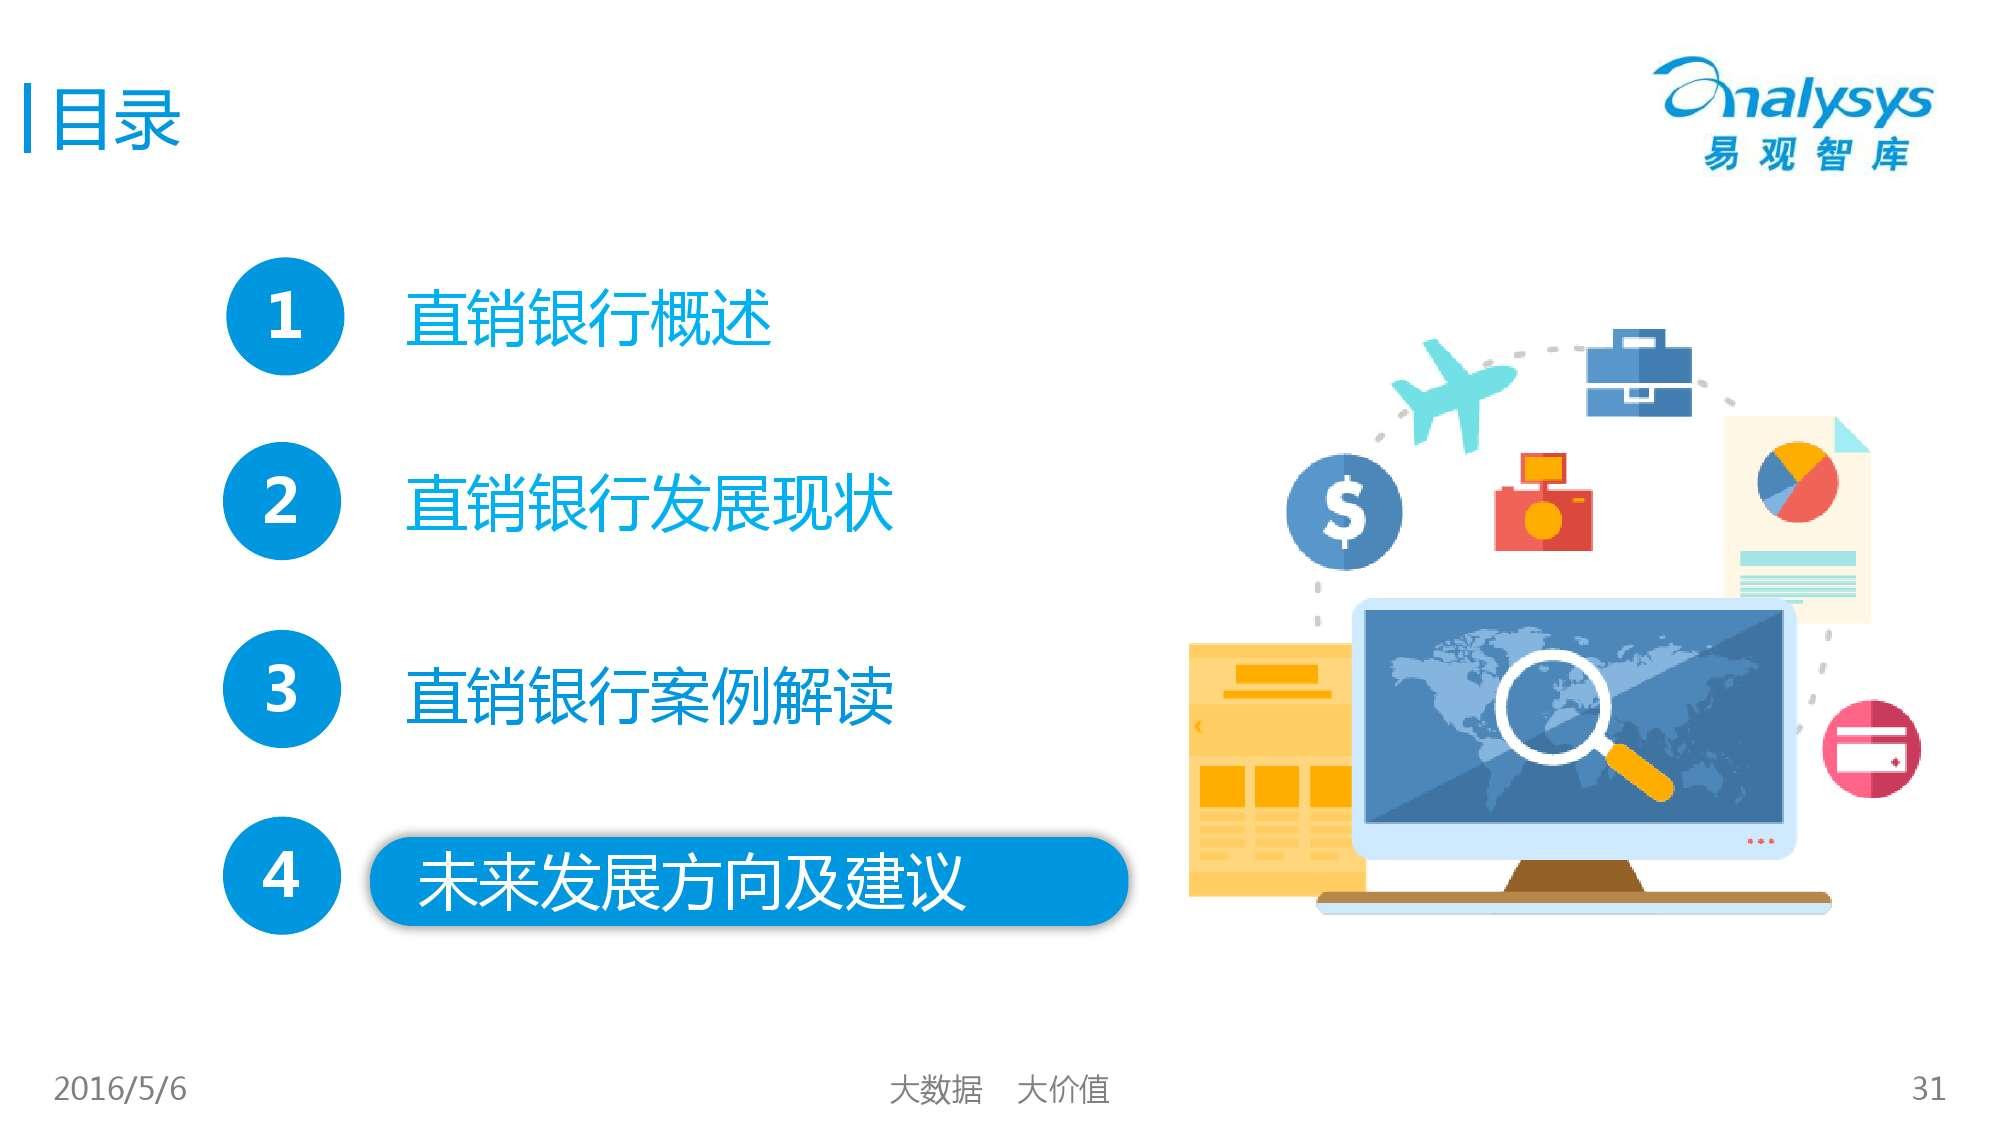 2016年中国直销银行市场专题研究报告_000031